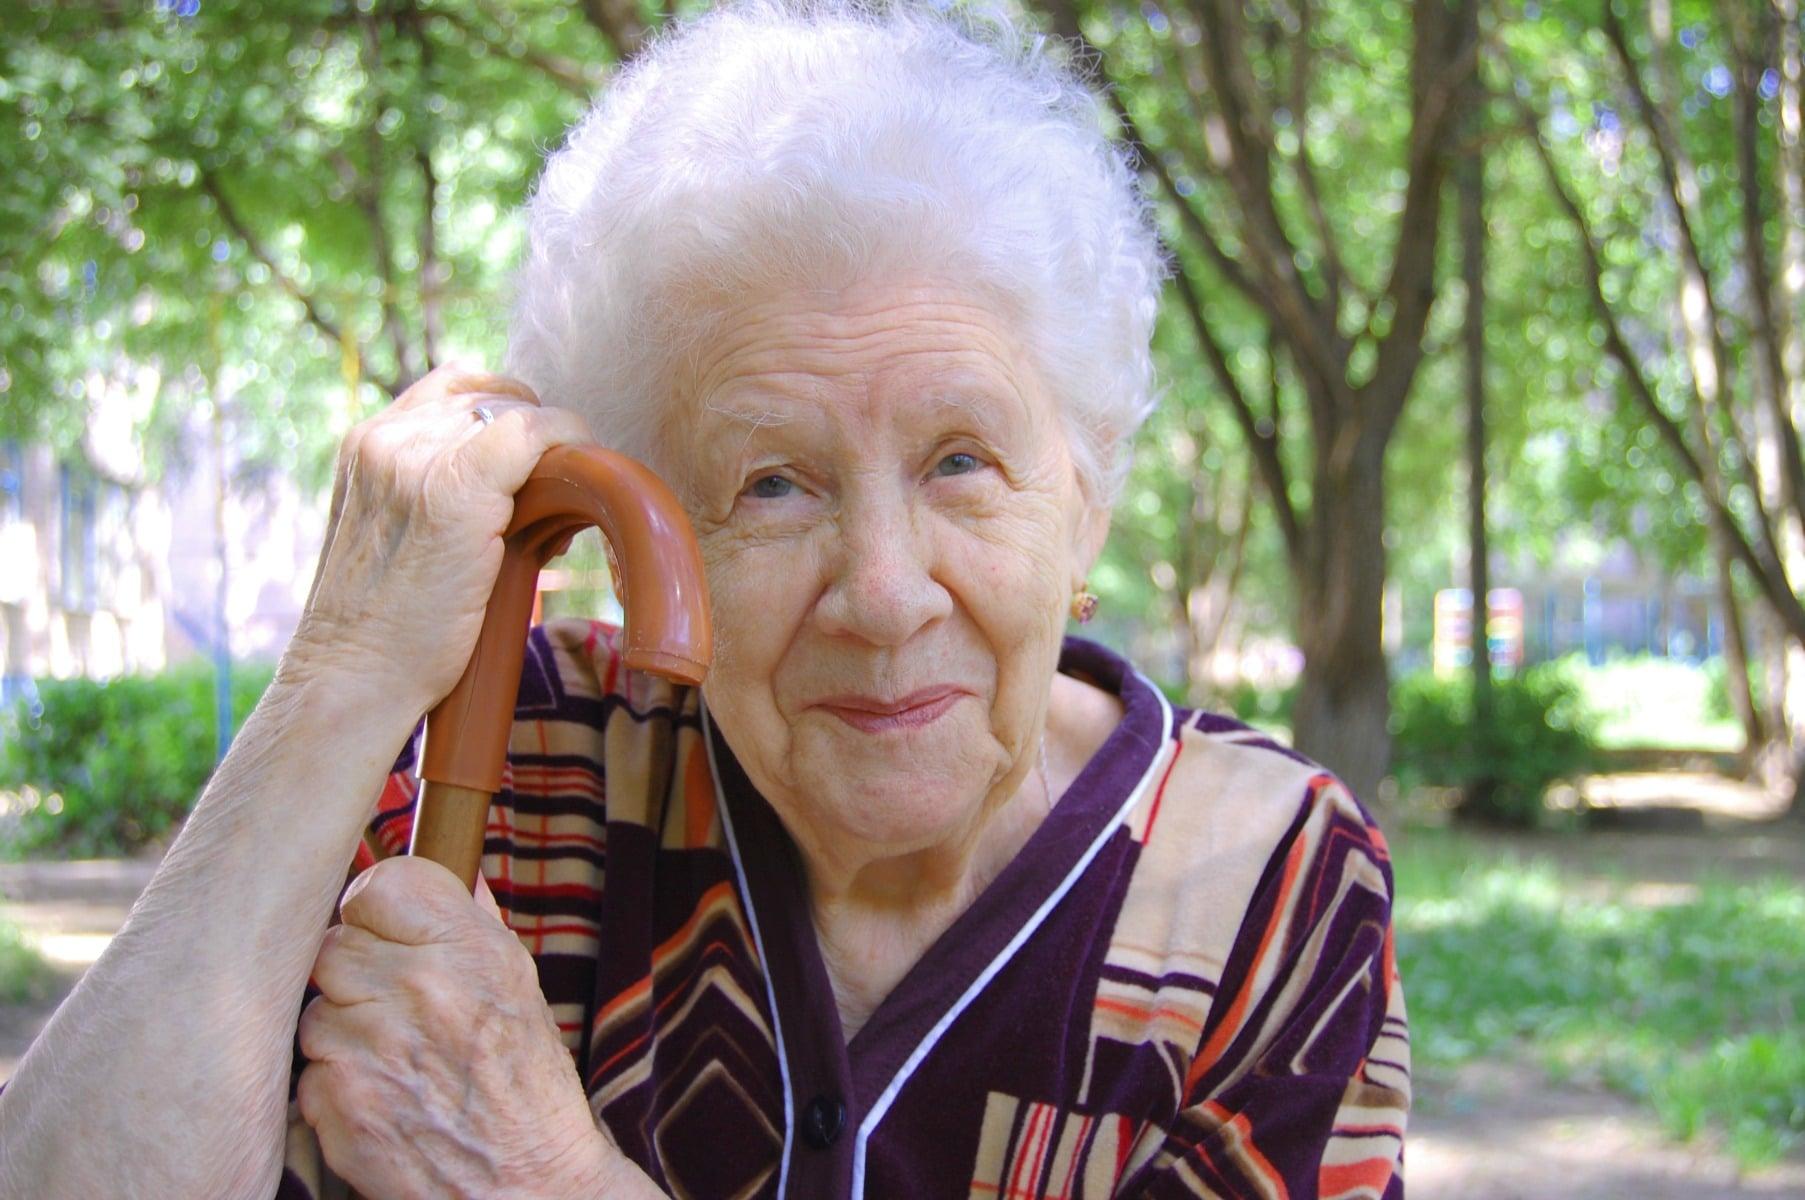 Elderly Care in Johns Creek GA: Dementia Care